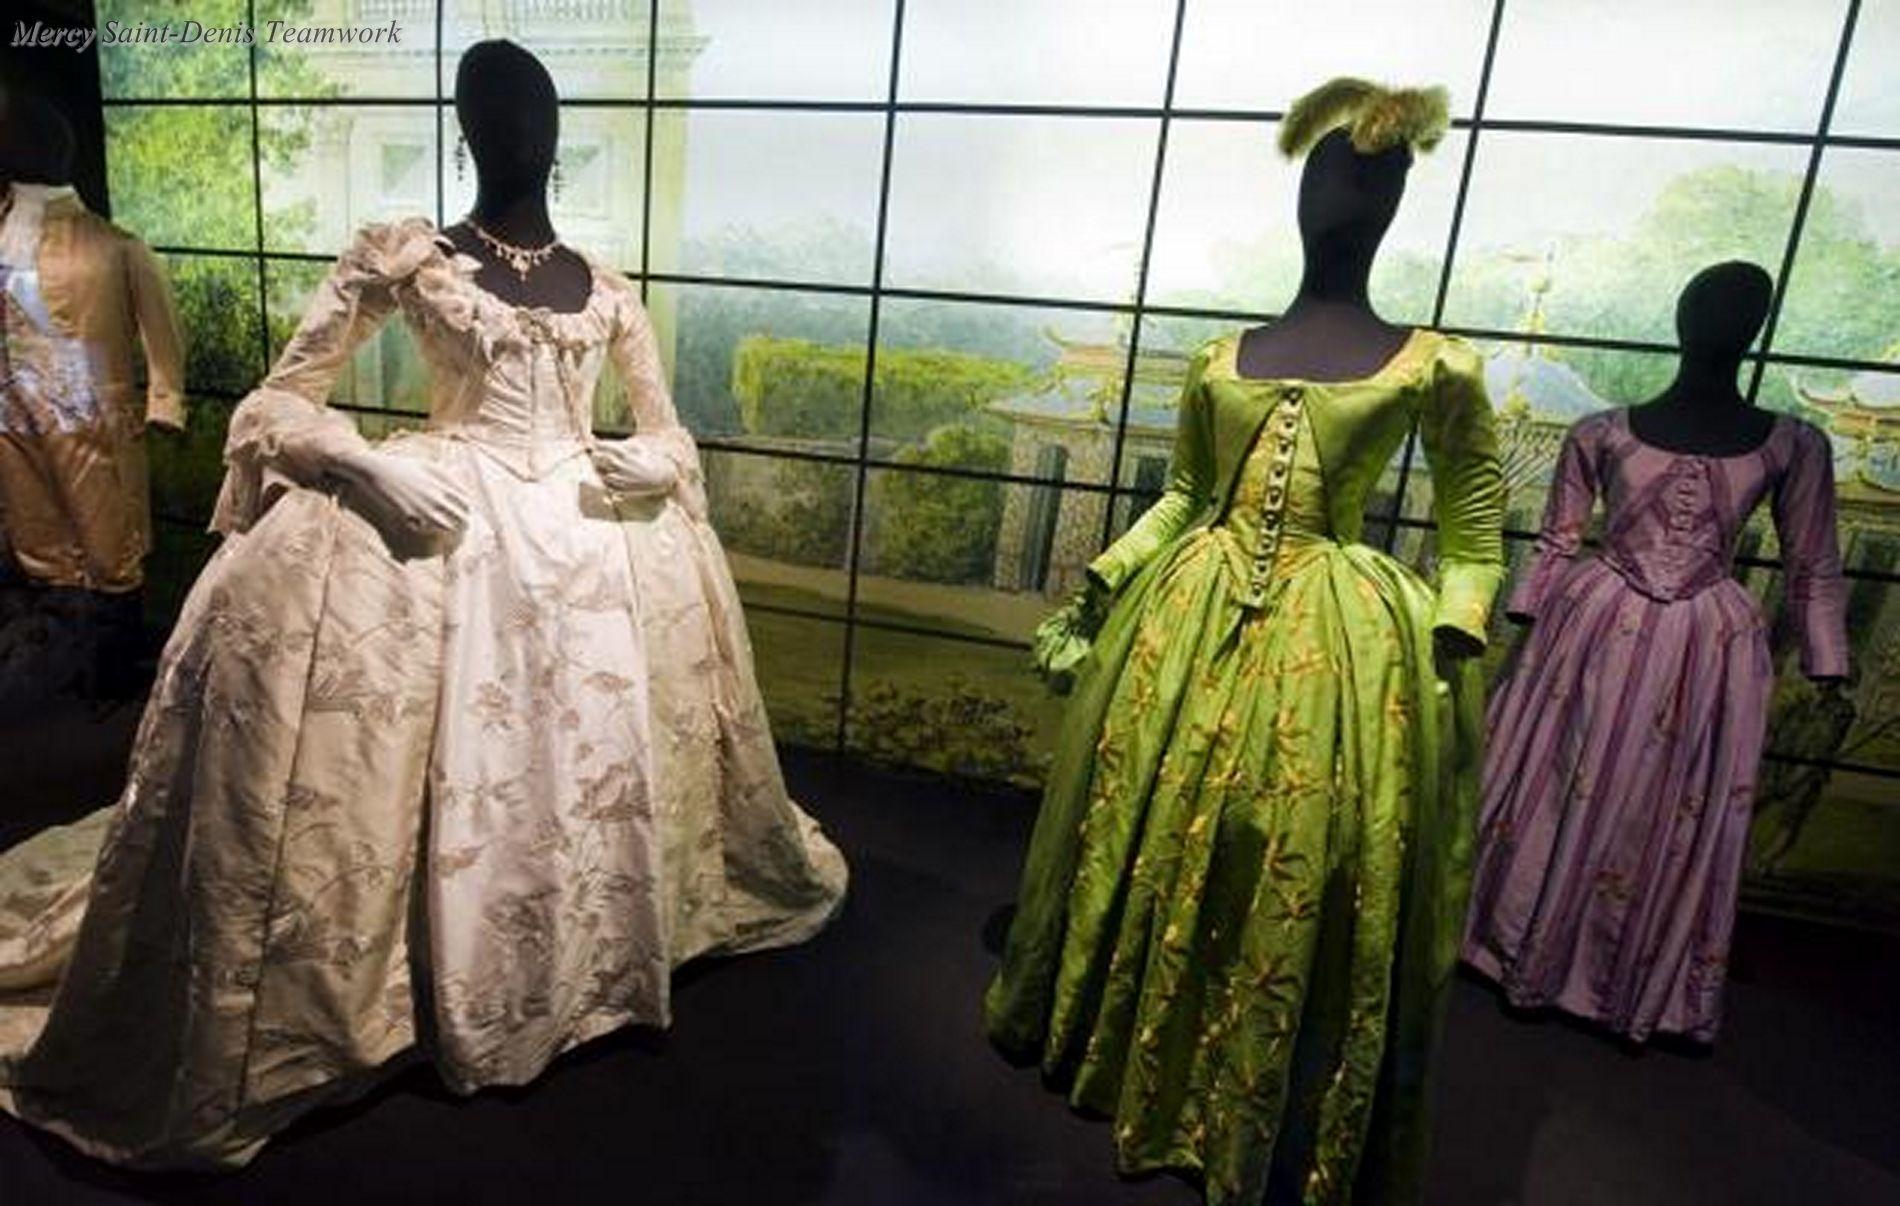 Les adieux a la reine, Benoit Jacquot's. Farewell my Queen (2012).Des costumes de Marie-Antoinette créés par Christian Gasc.